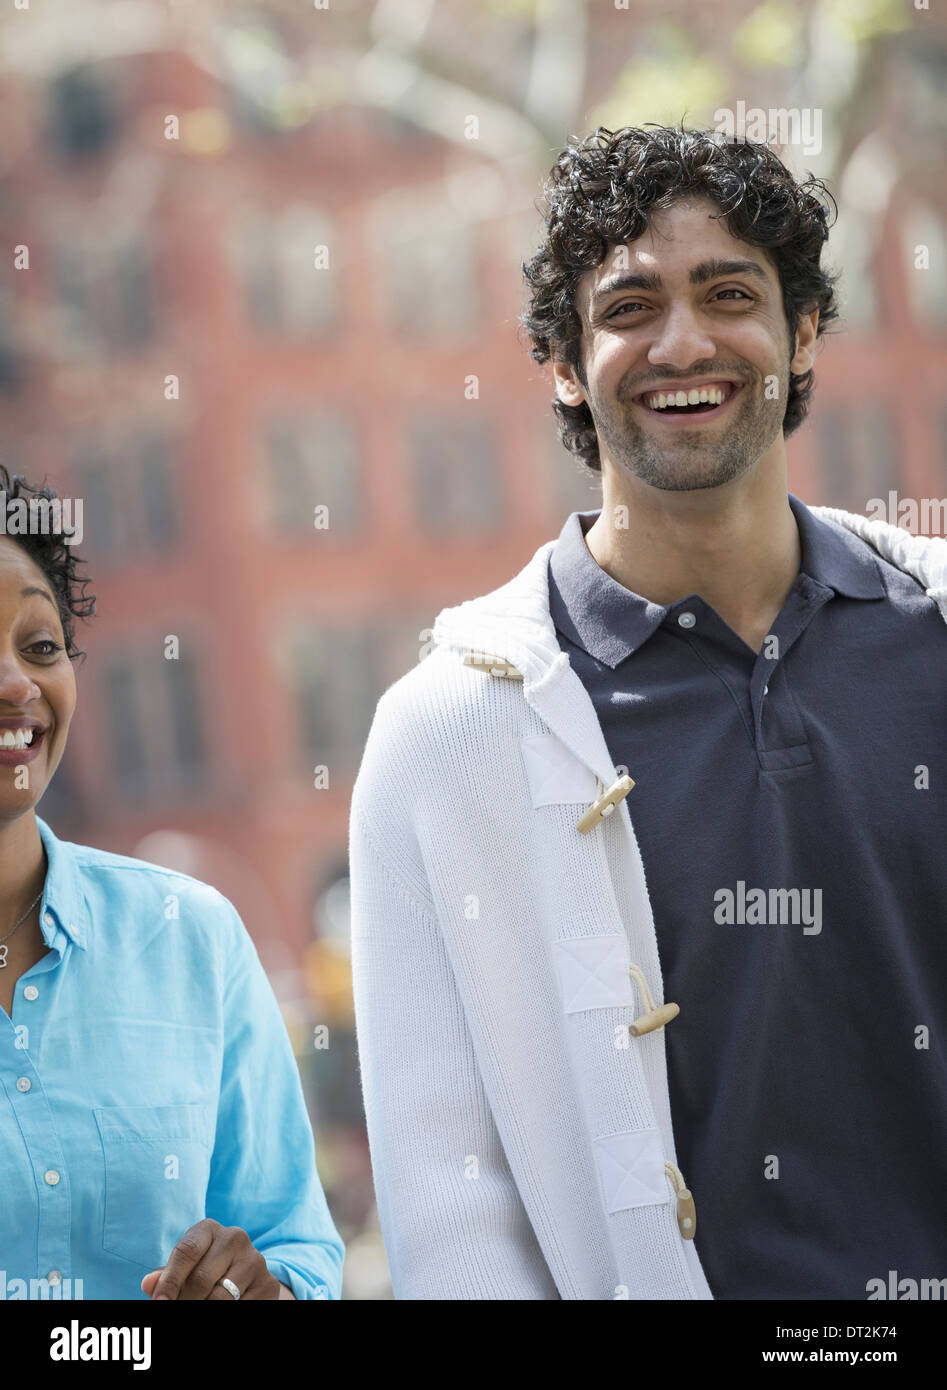 Park un hombre y una mujer al lado sonriendo Imagen De Stock